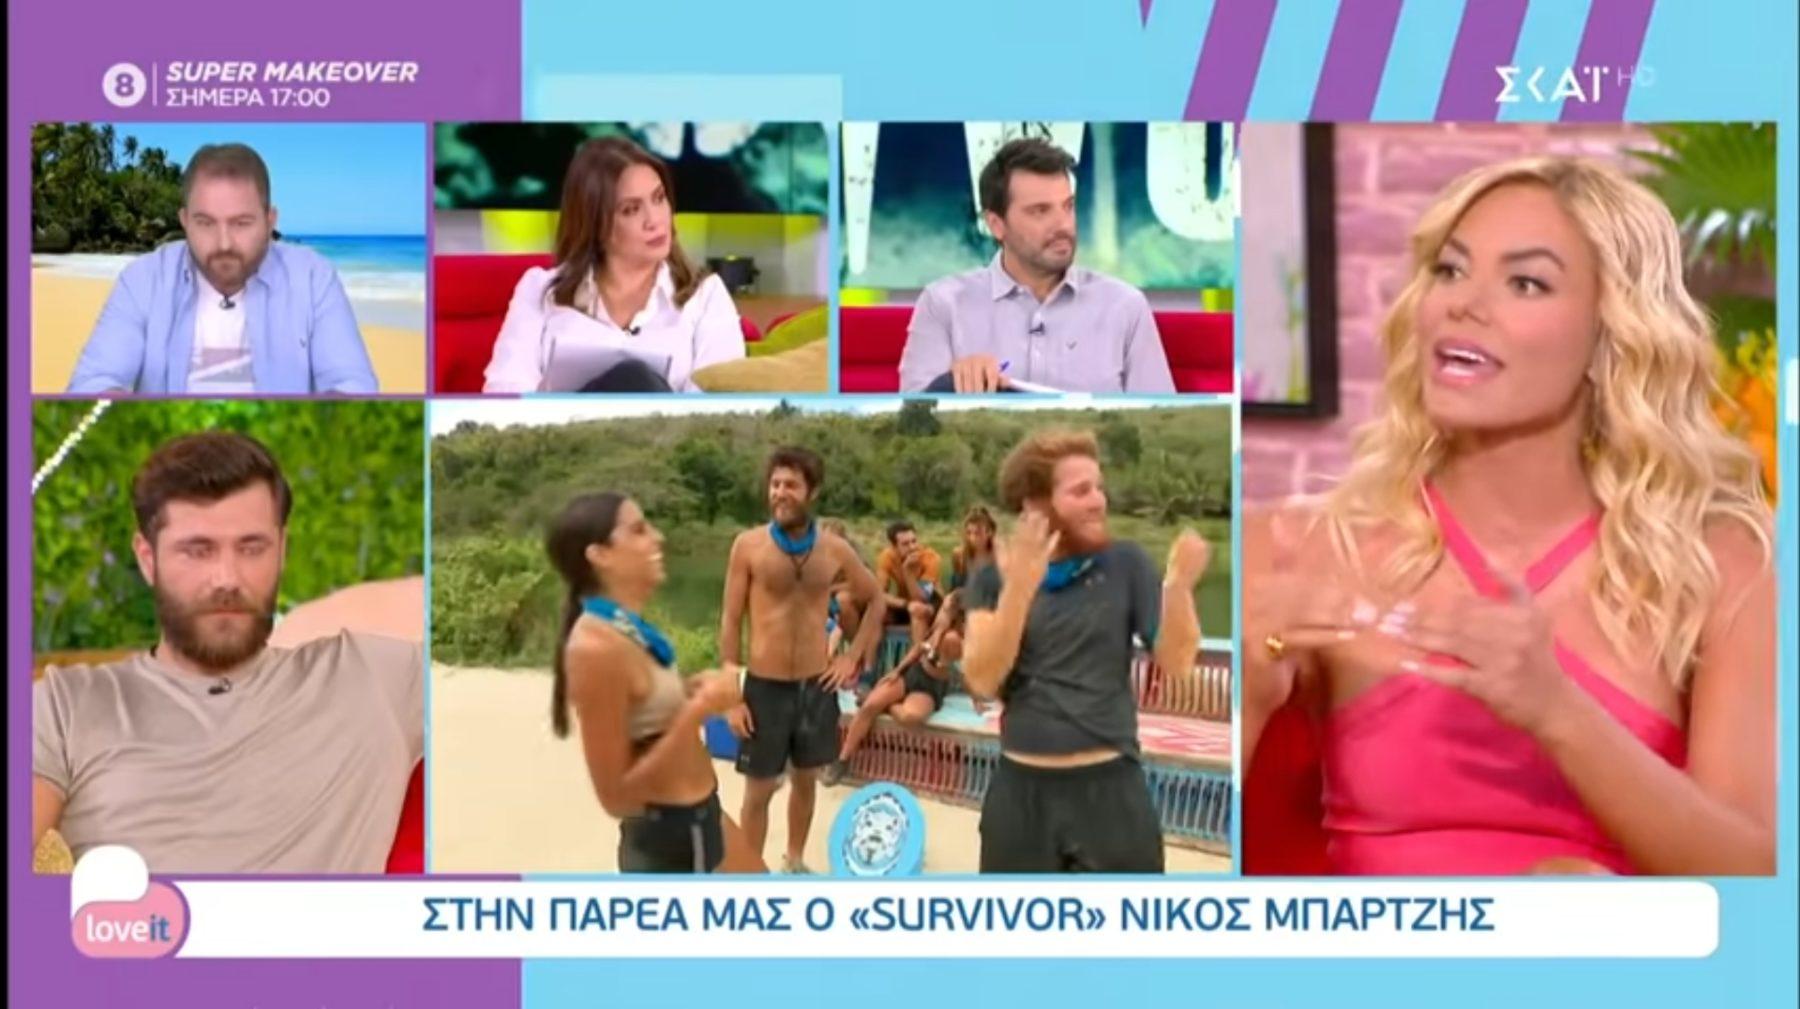 Οργή στον ΣΚΑΪ κατά της Ιωάννας Μαλέσκου για το απίστευτο άδειασμα στους συνεργάτες της στον αέρα της εκπομπής της! Το ειρωνικό σχόλιο του Νίκου Μουτσινά κατά της παρουσιάστριας!